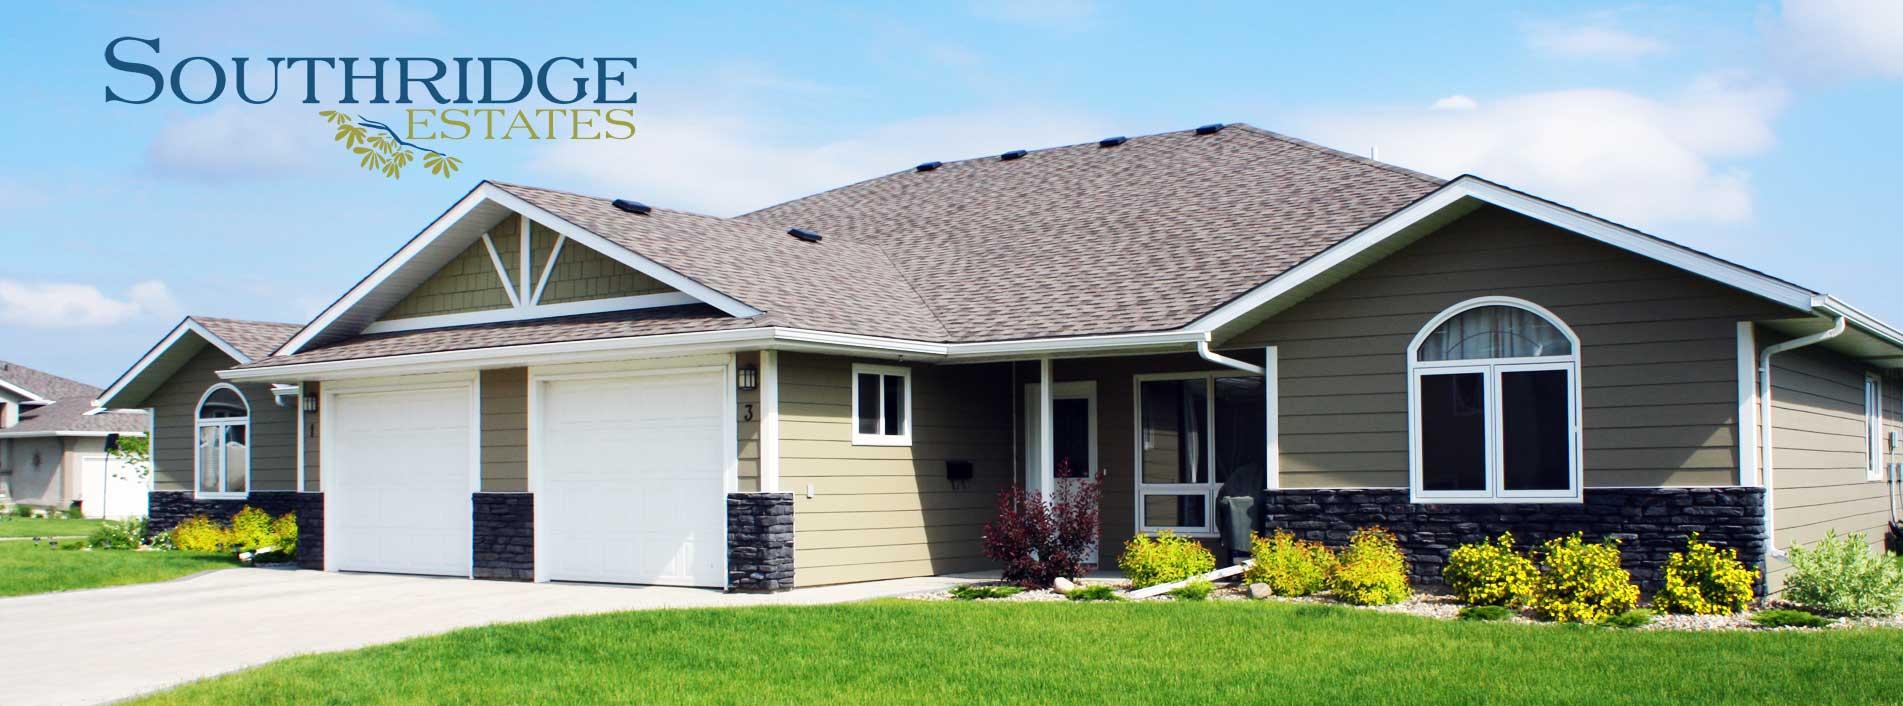 Southridge Townhouses, Southridge Estates, Brandon, VBJ Developments, J&G Homes